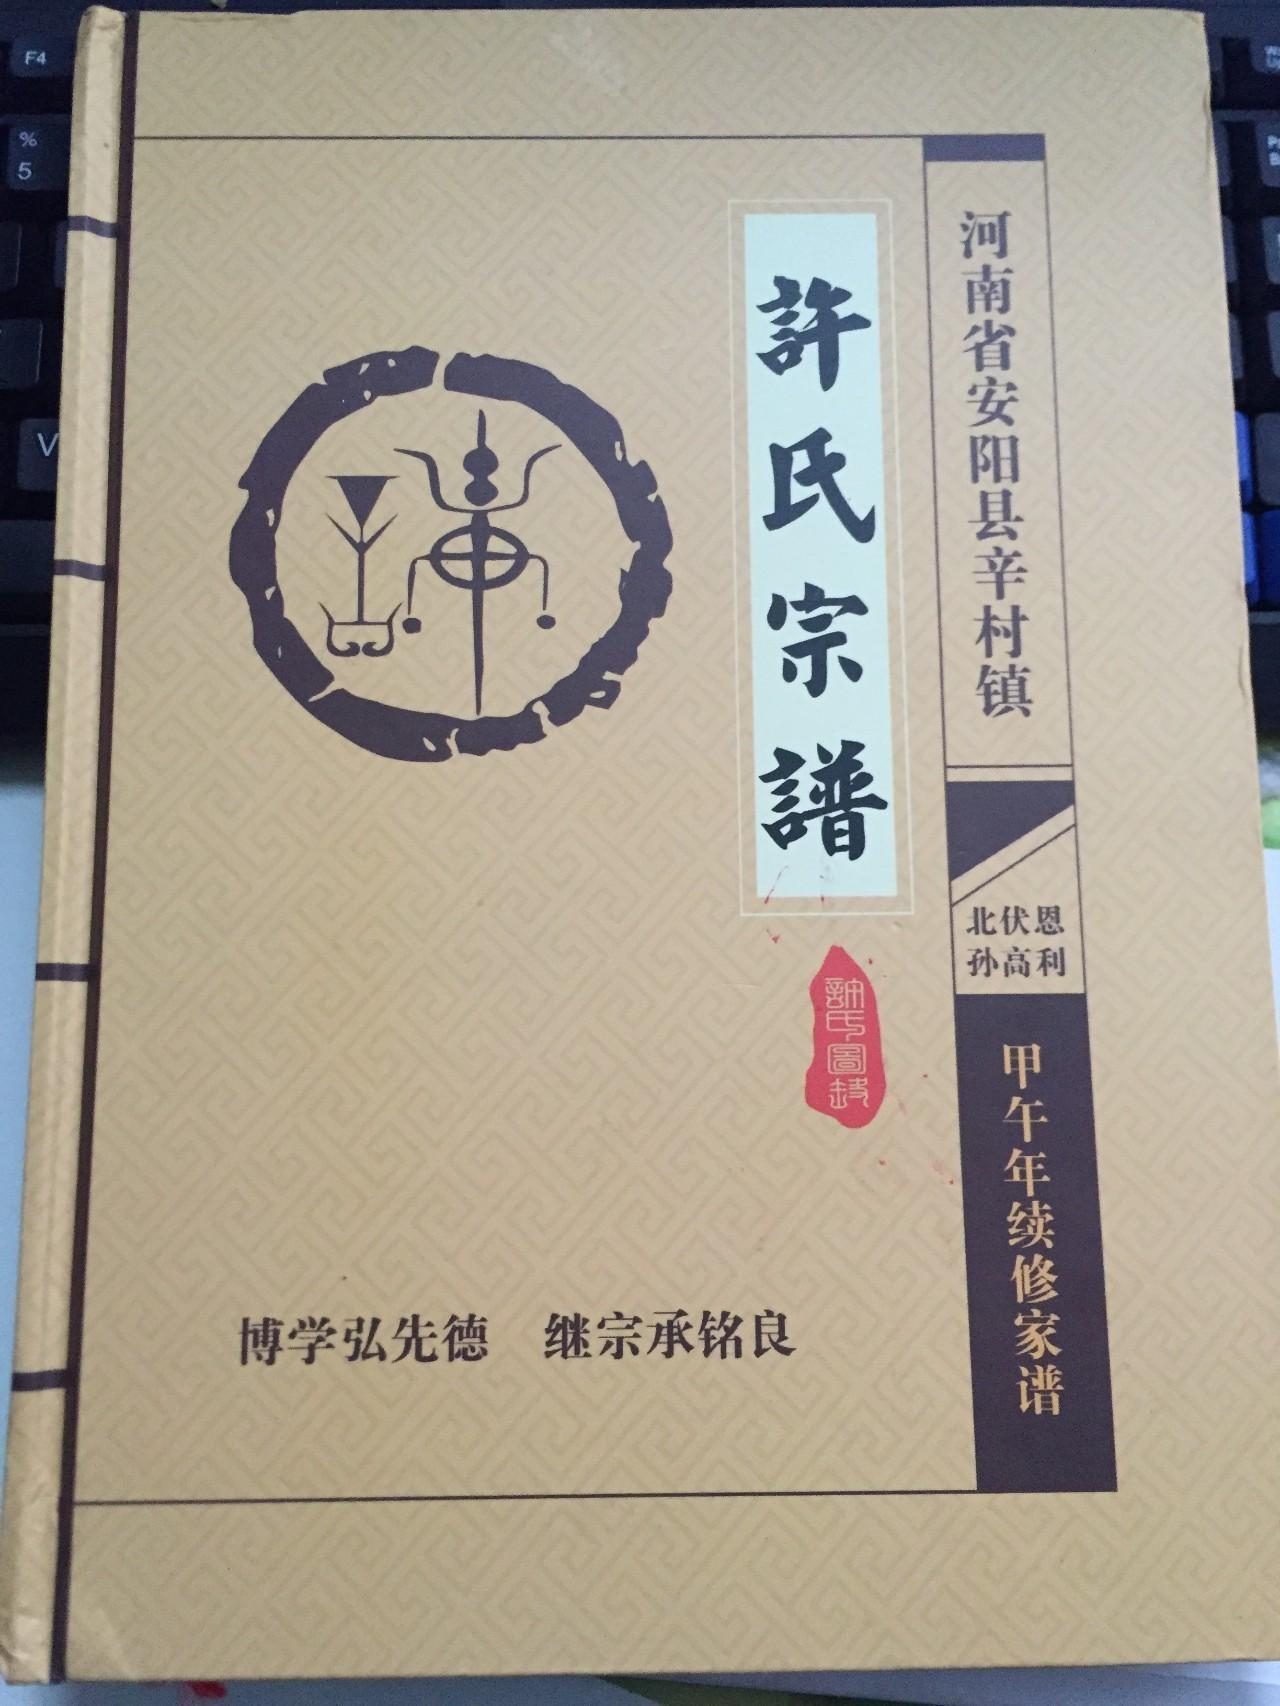 祝贺 河南安阳许氏家谱 获中华家谱博物馆珍藏图片